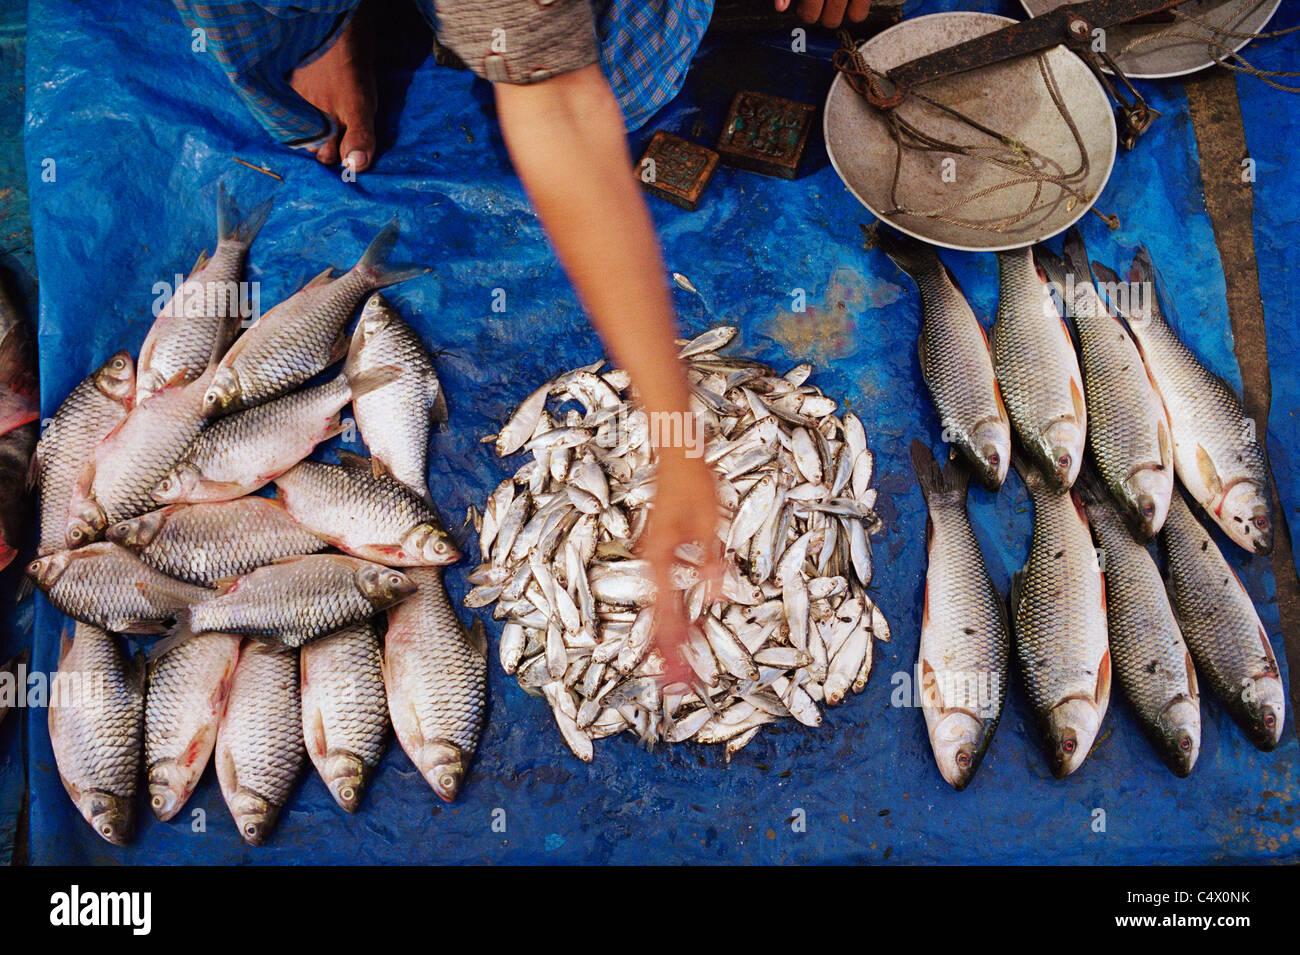 Fischmarkt, Bhatiary, Bangladesch Stockbild